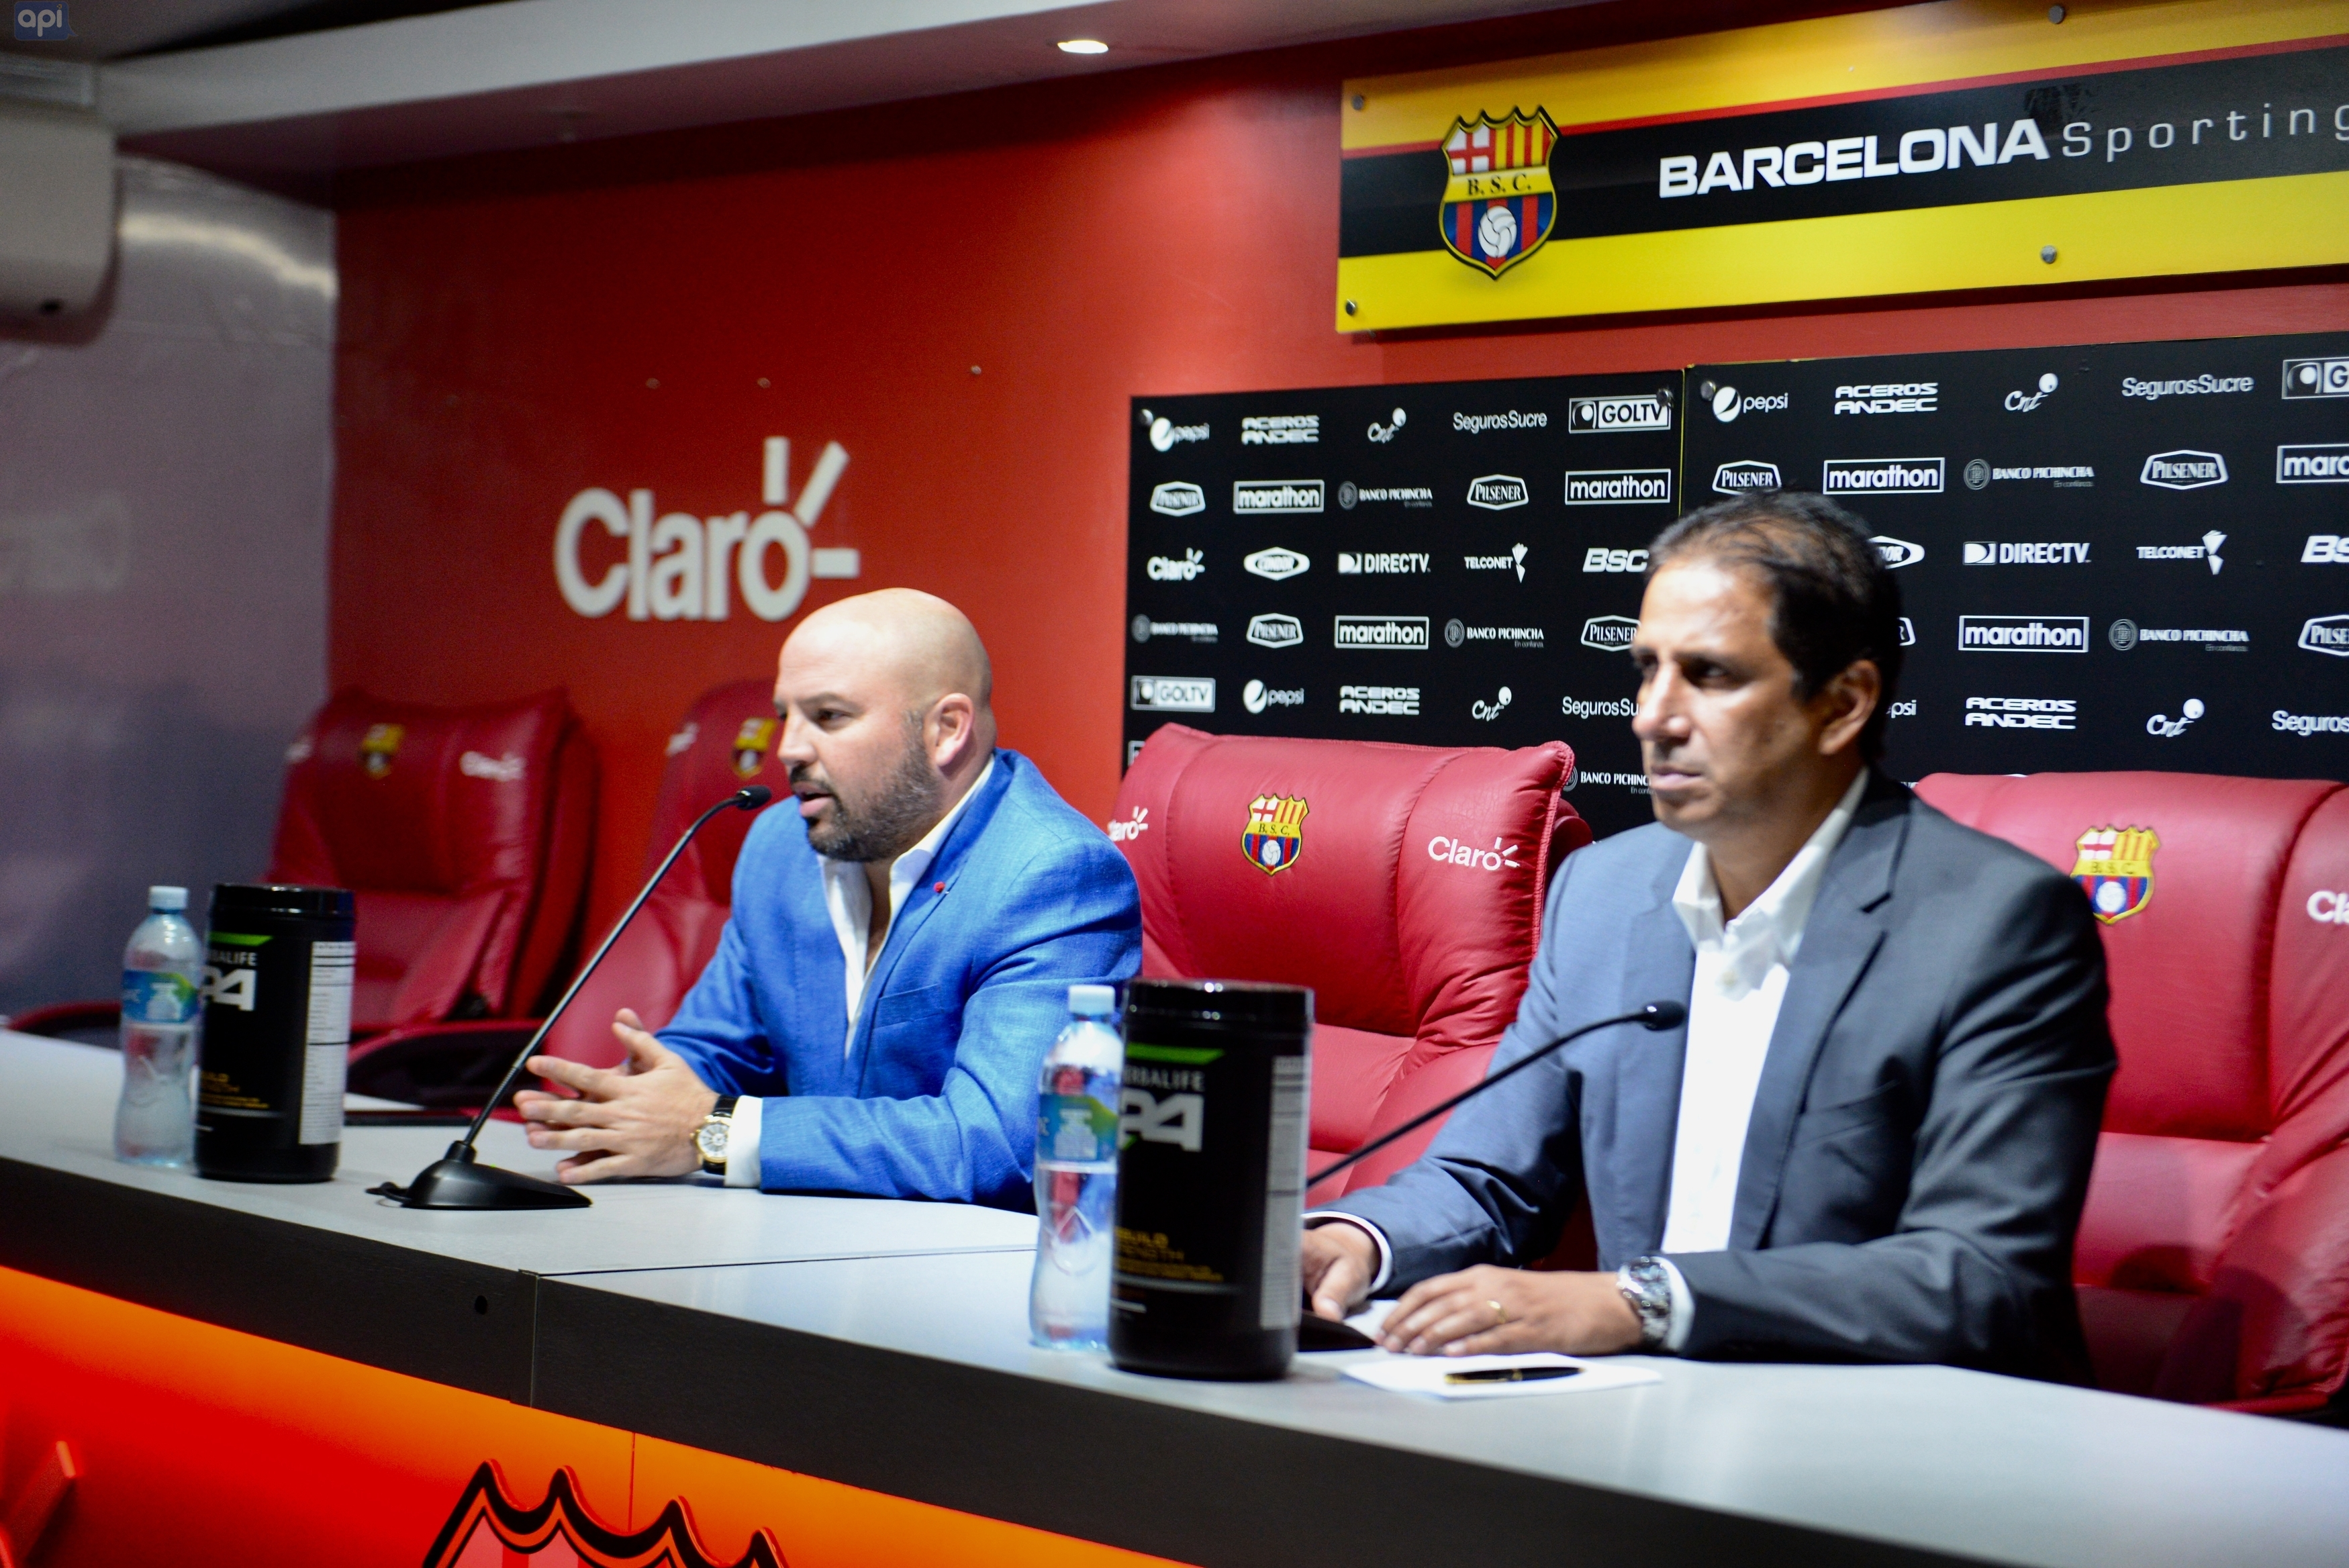 La LigaPro multó al presidente de Barcelona por ingresar de forma indebida durante el partido ante Universidad Católica